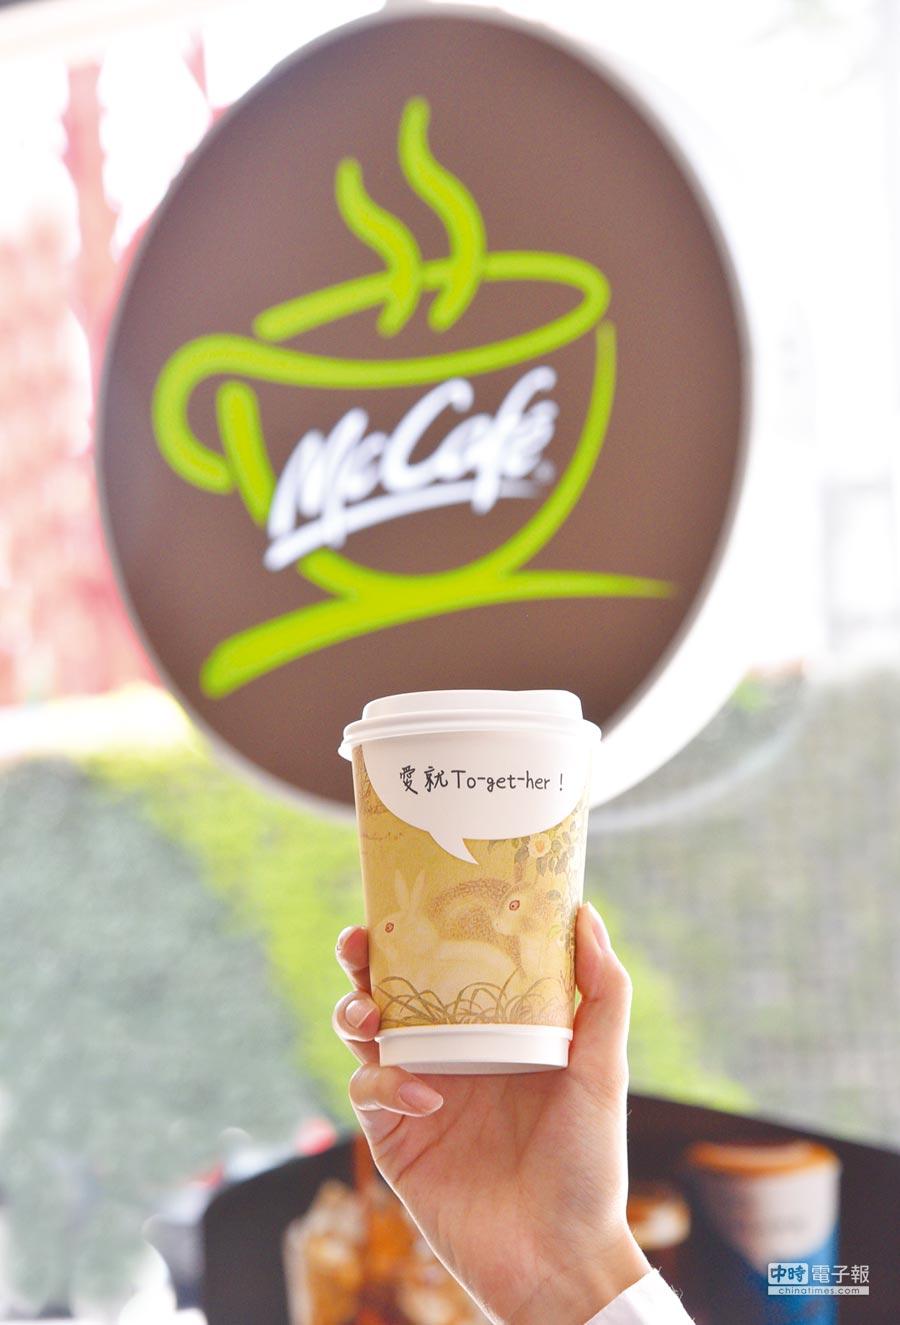 故宮與台灣麥當勞聯名首推中秋限定款咖啡對話杯。圖/故宮